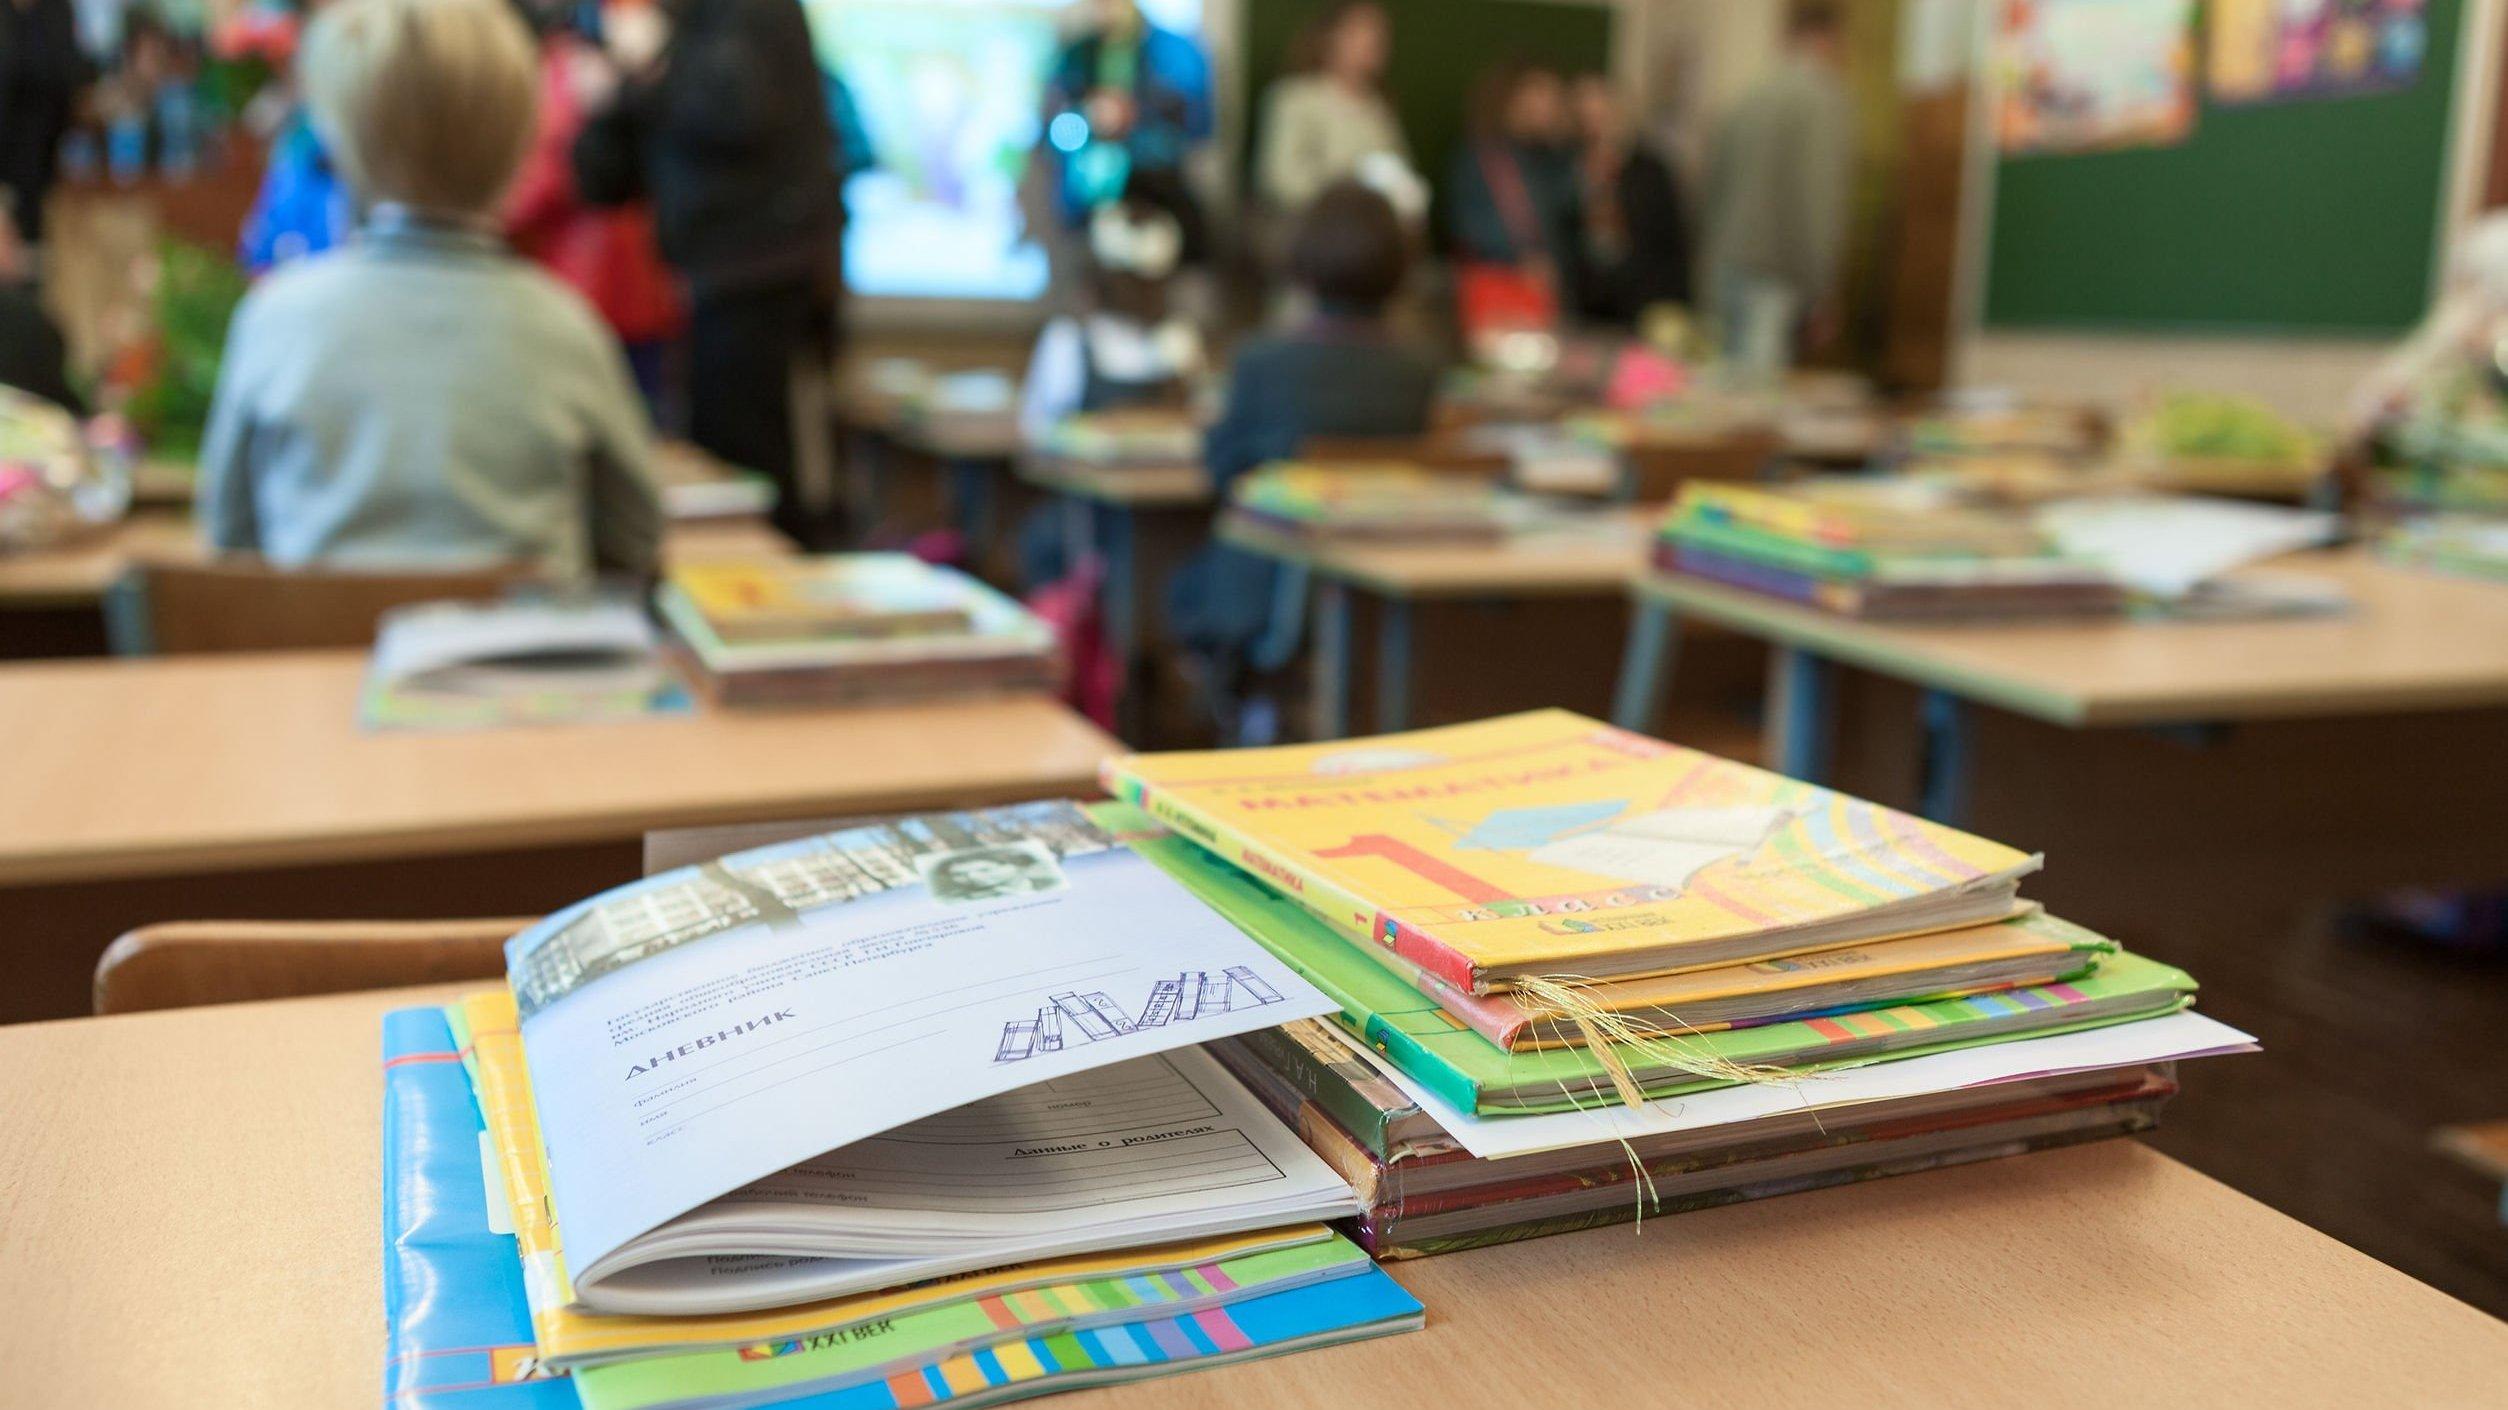 Livros em cima de carteiras de escola